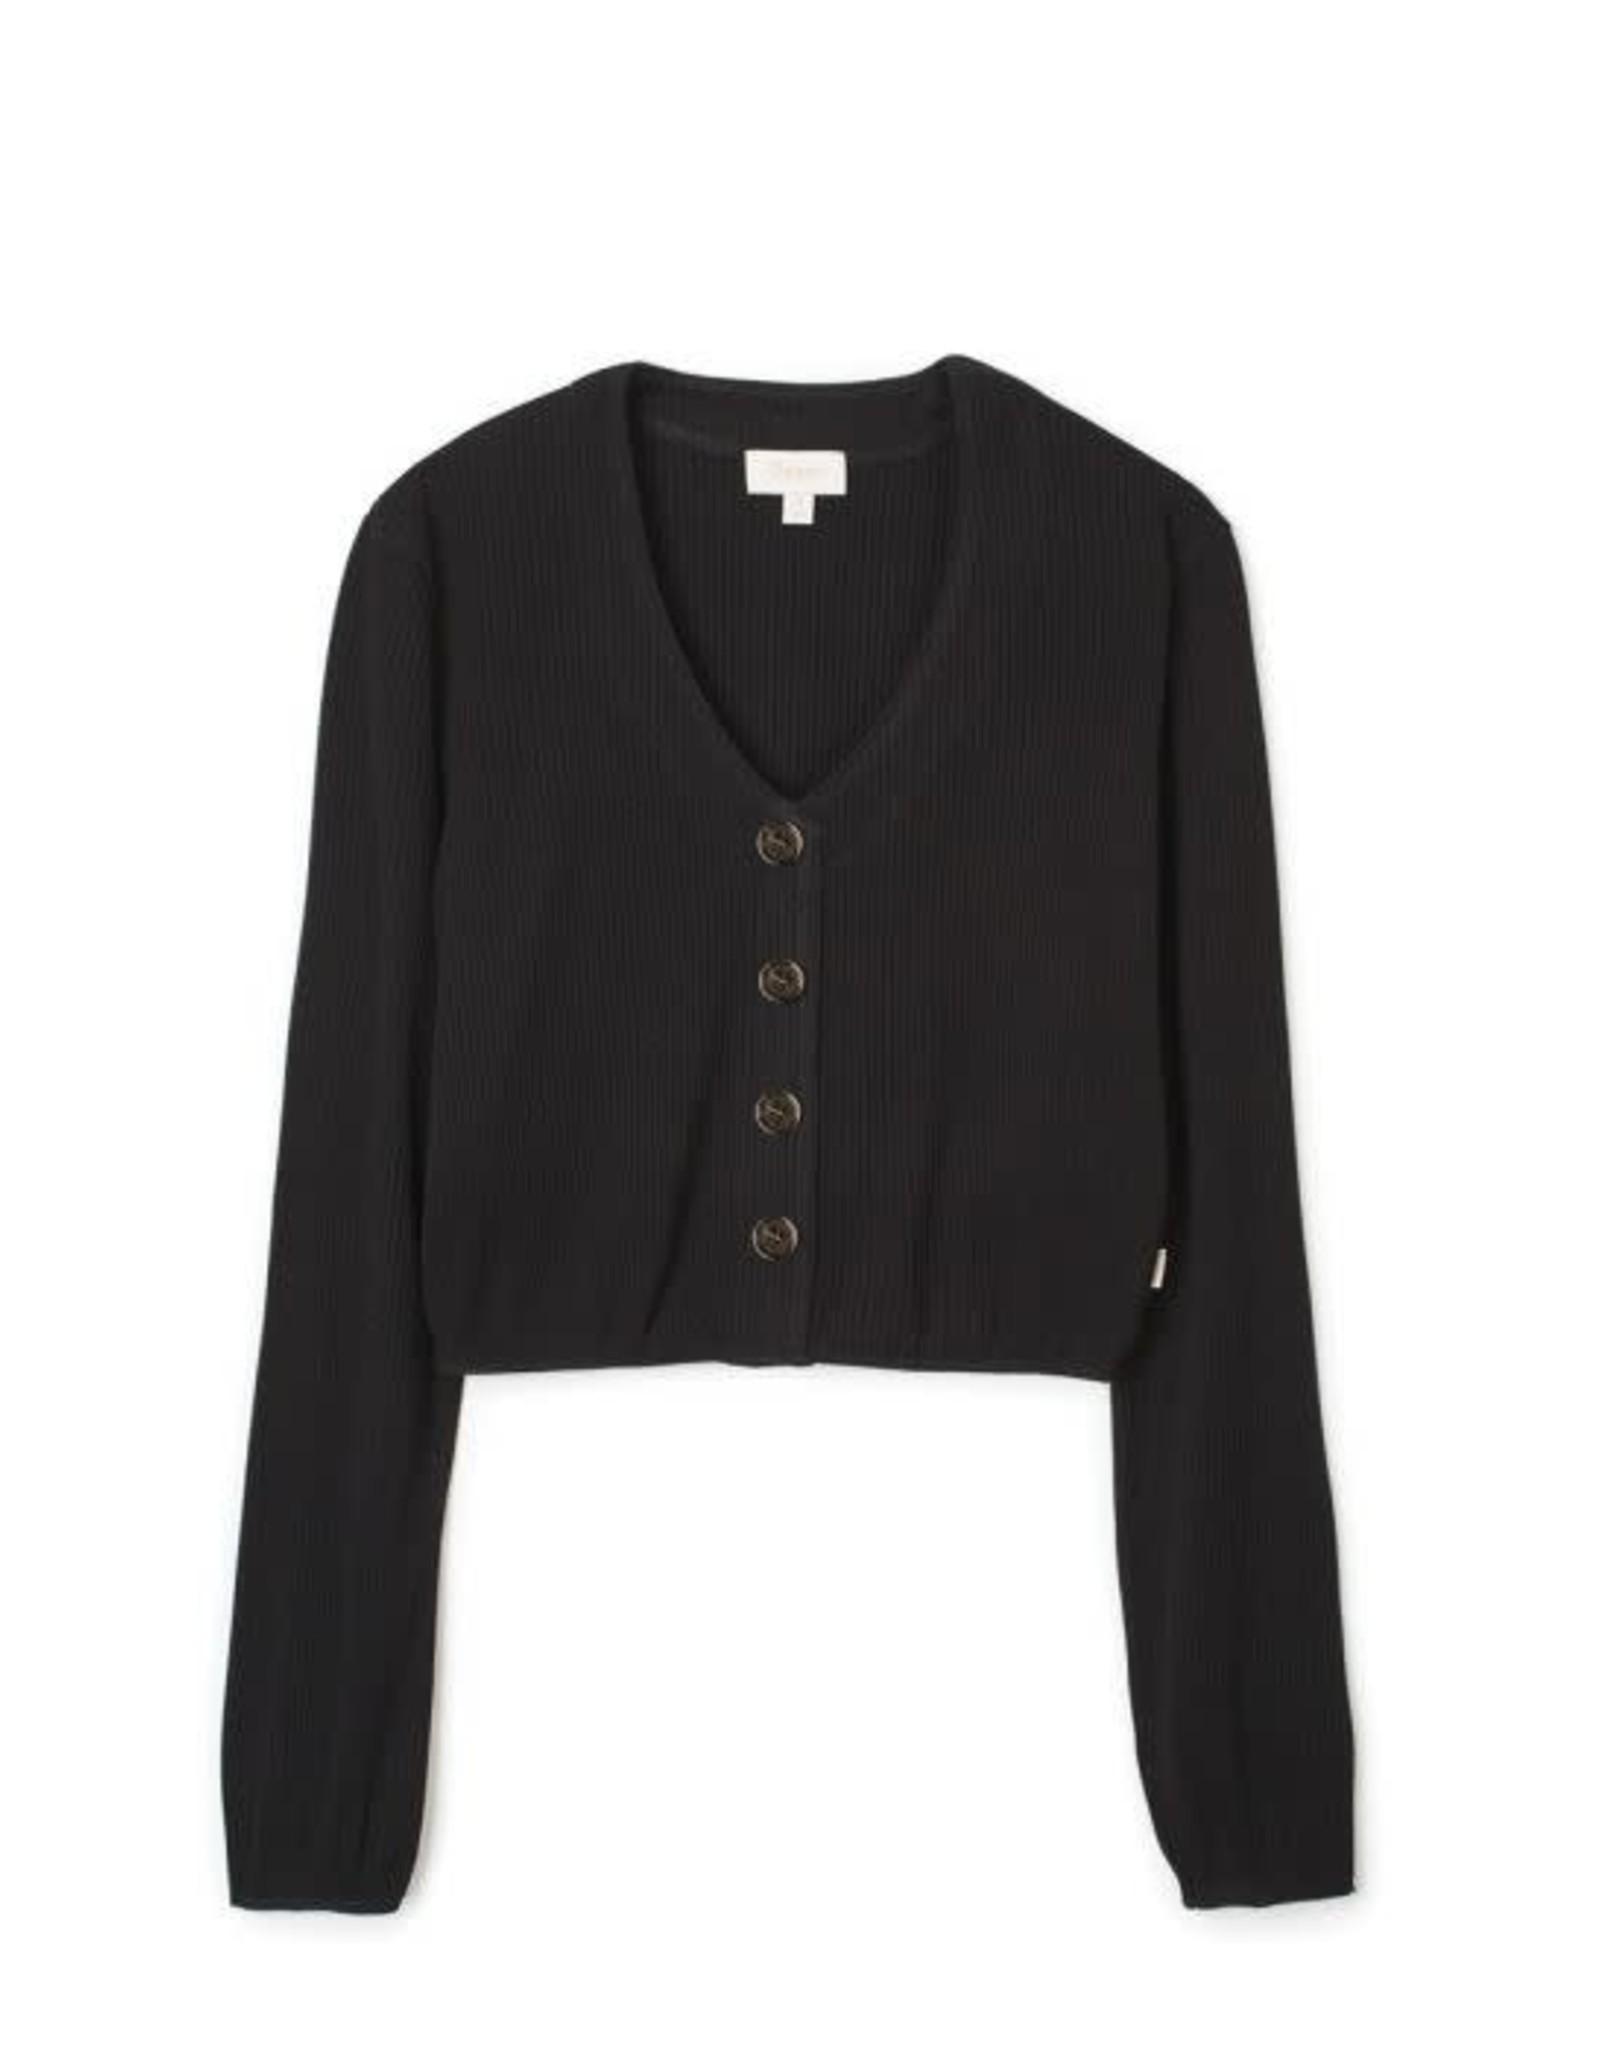 BRIXTON DARIA blouse, also comes in Black